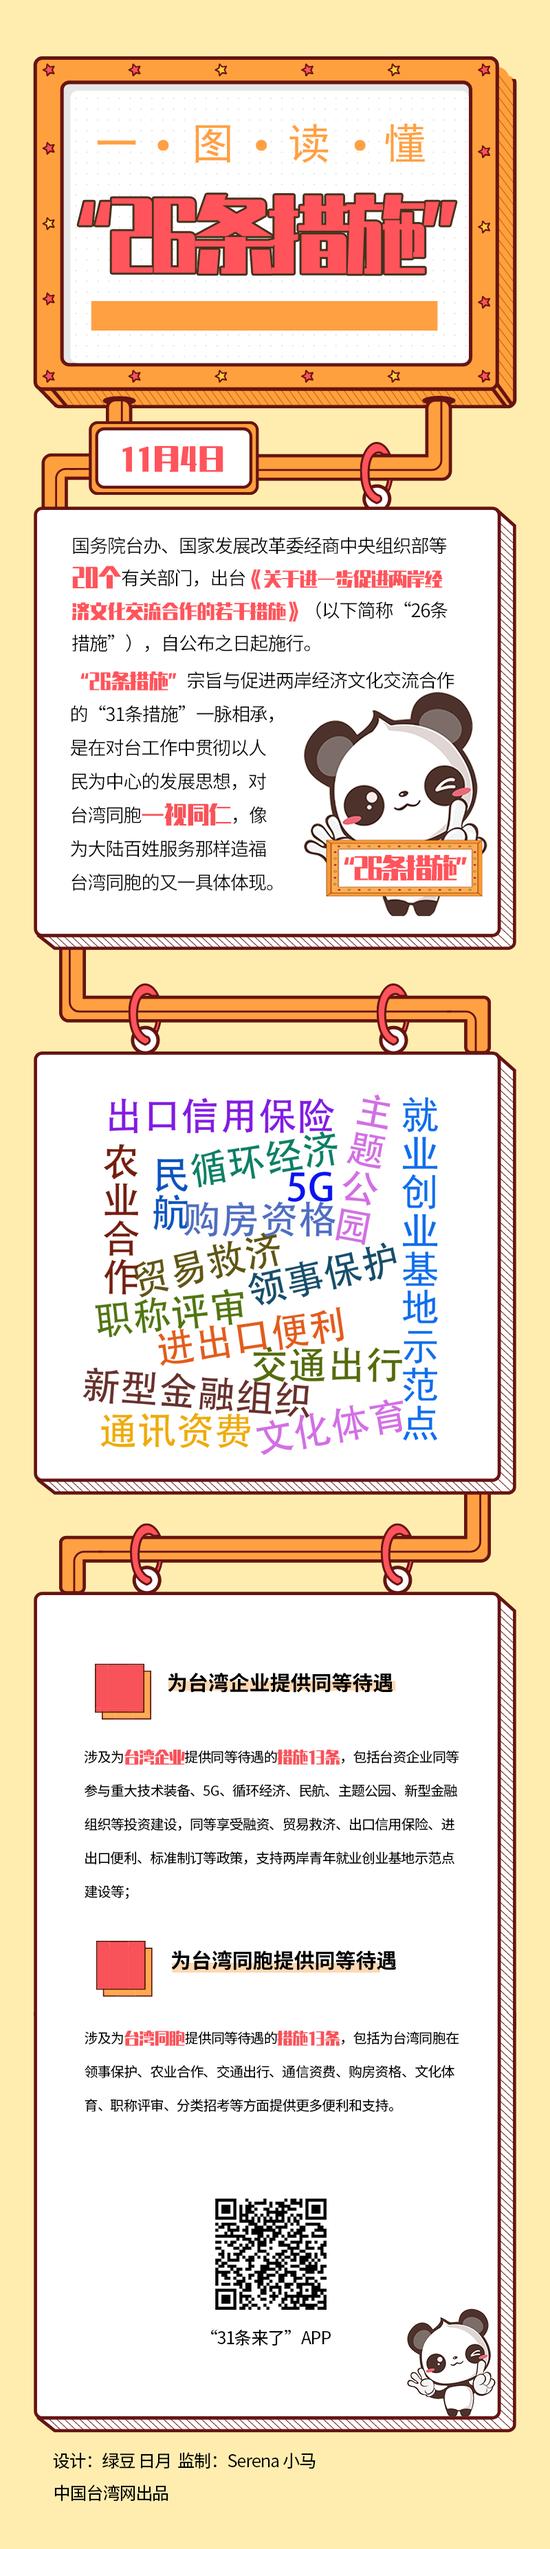 """manbet流水怎么算-""""诗人""""阎志:从""""软文写手""""到百亿富豪"""